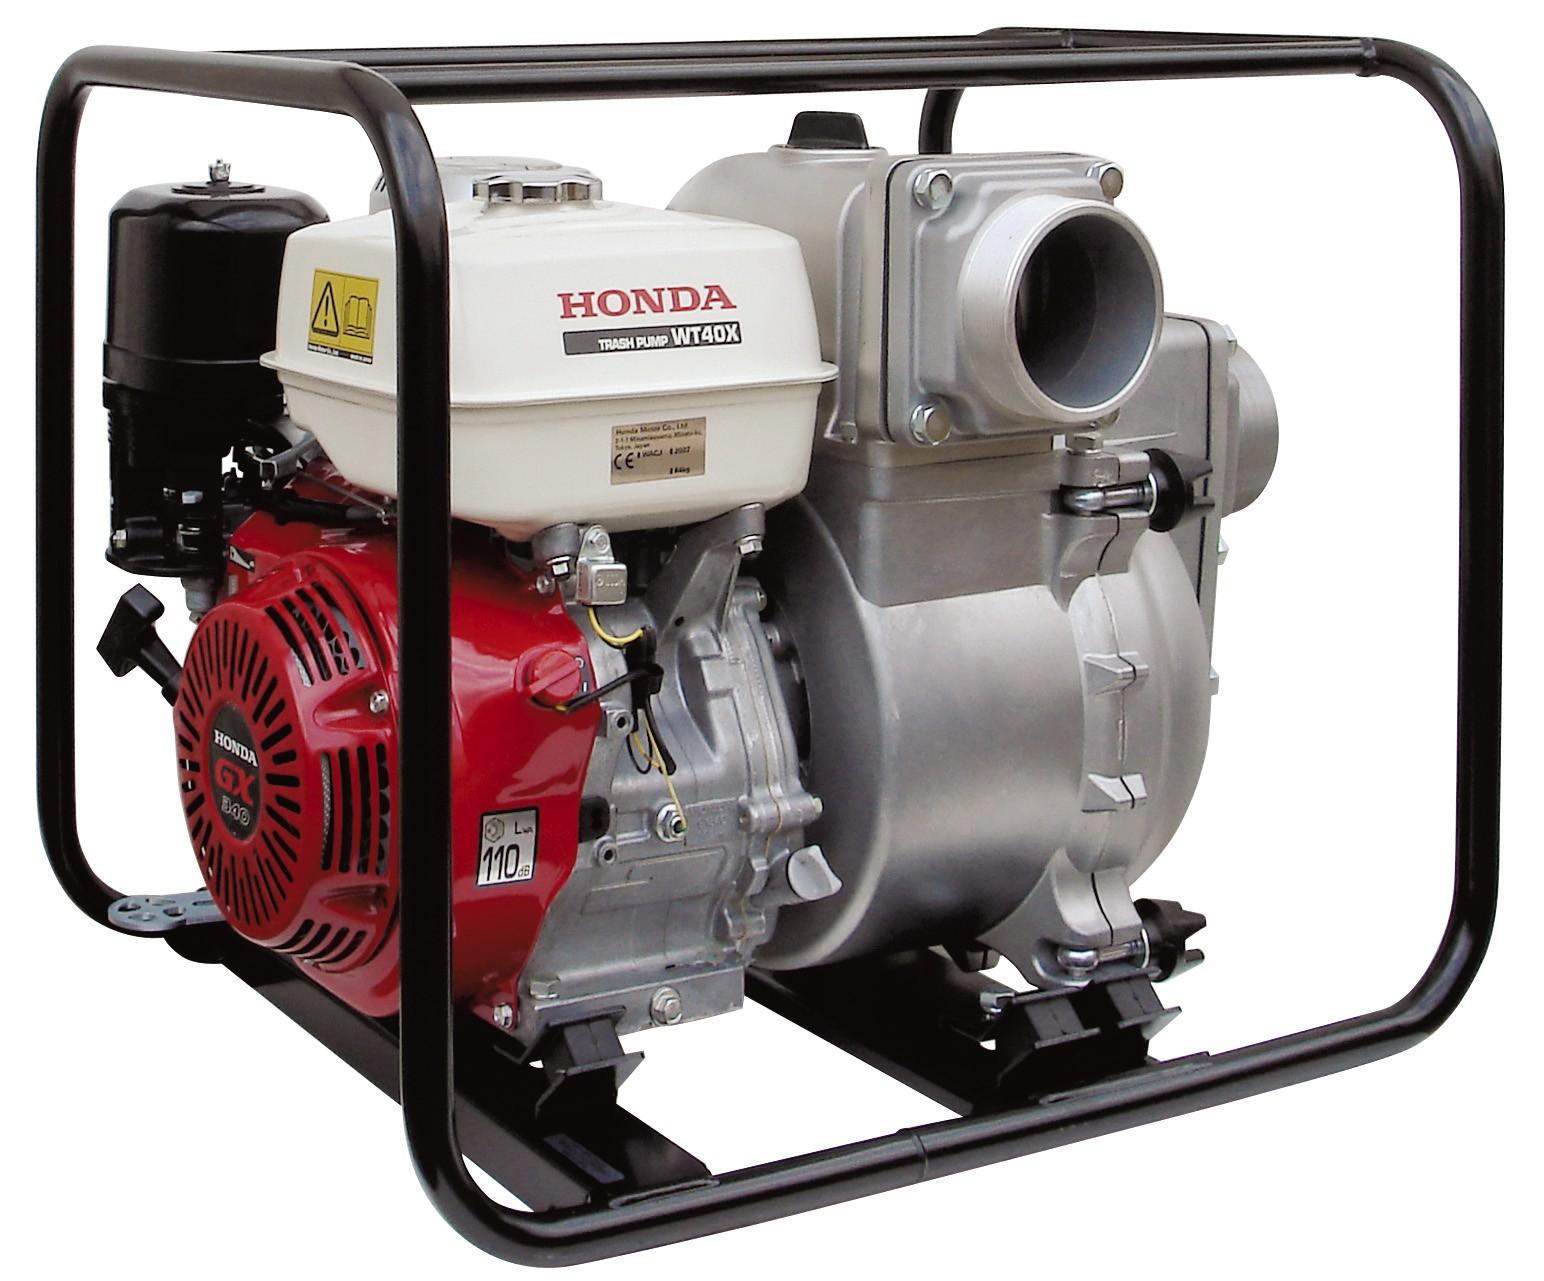 Motorové Kalové čerpadlo Honda WT 40